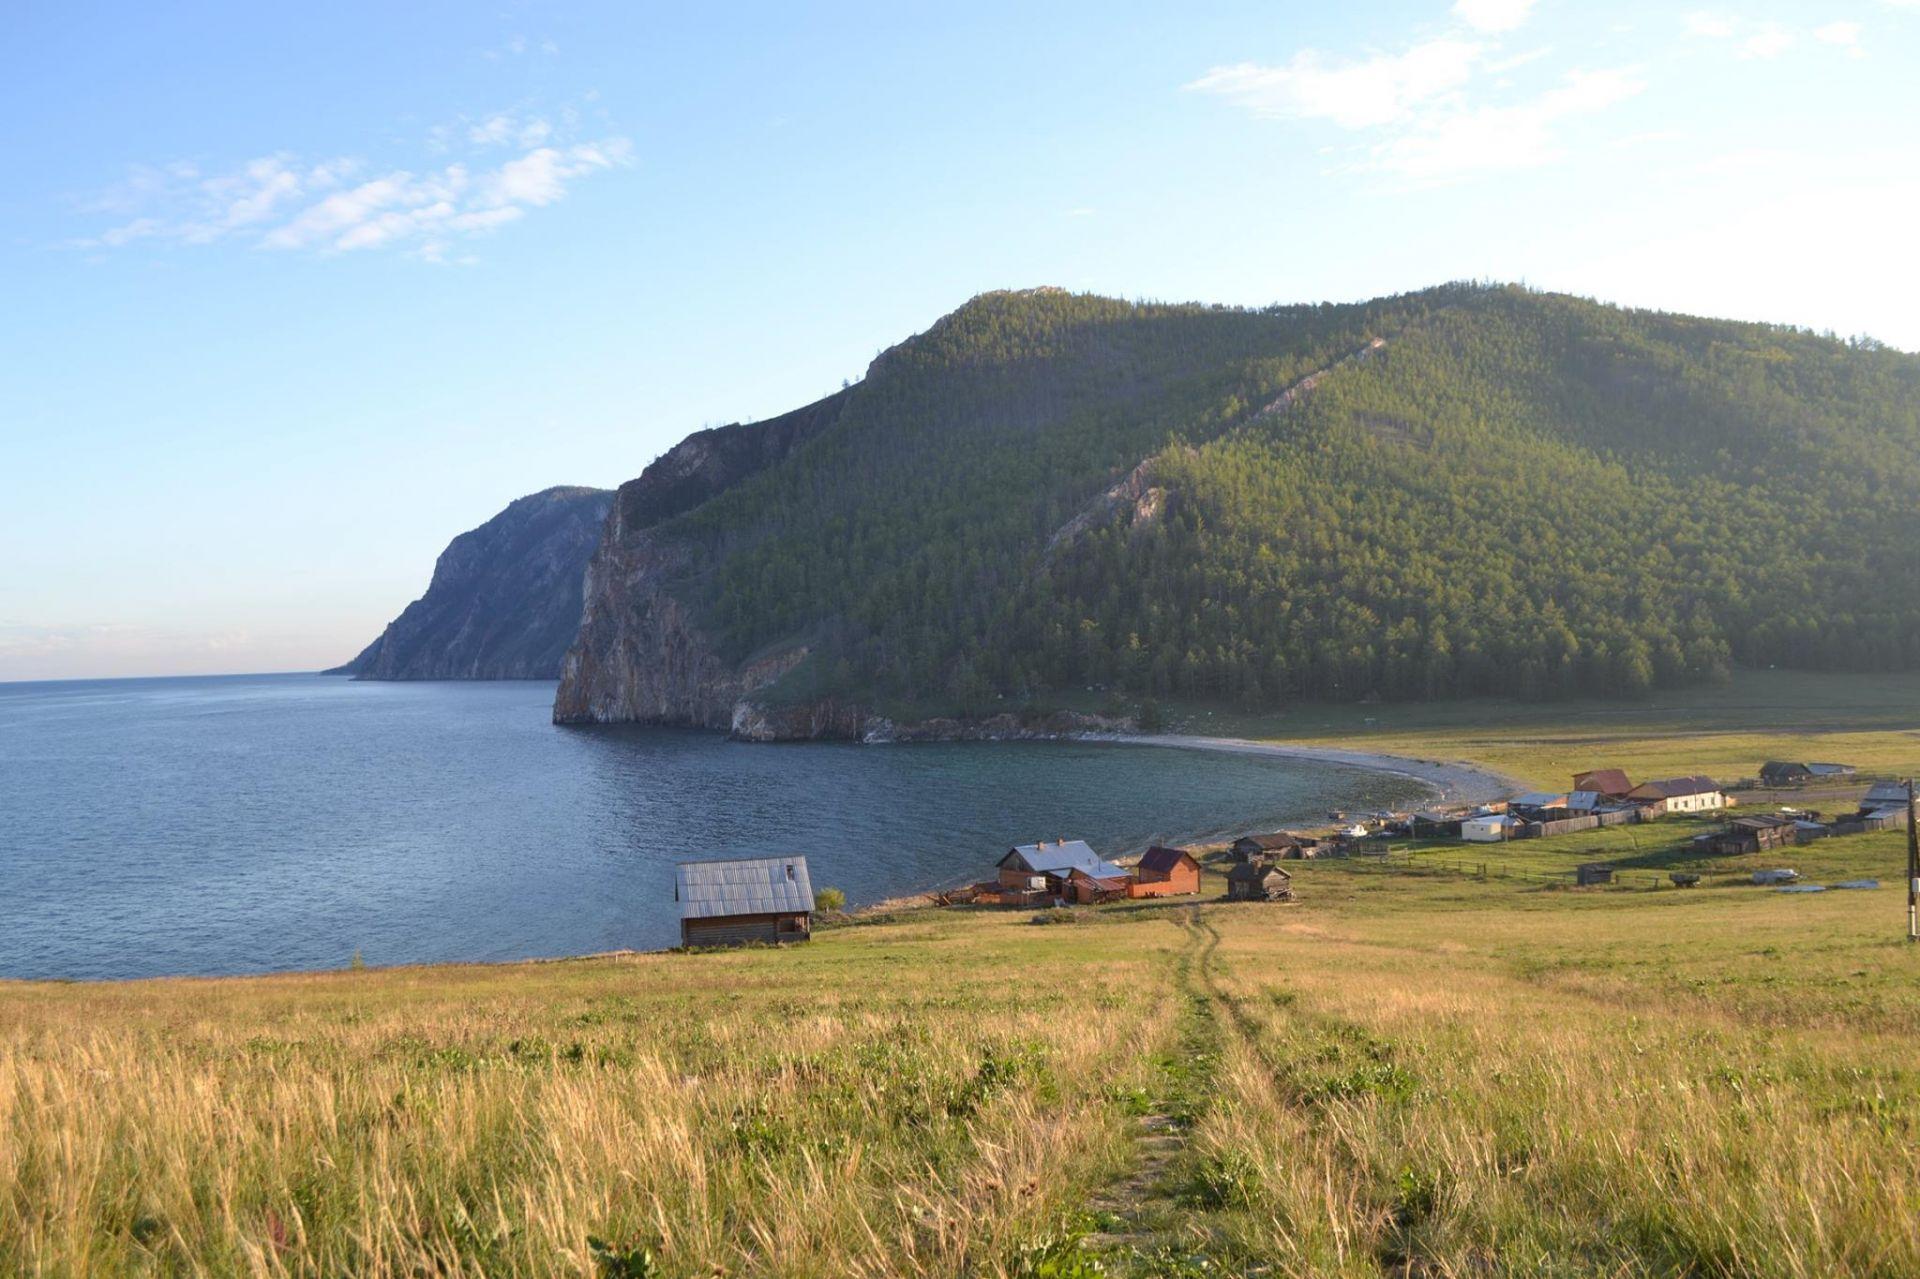 Călătorie cu Transsiberianul, traversând Siberia până la Lacul Baikal